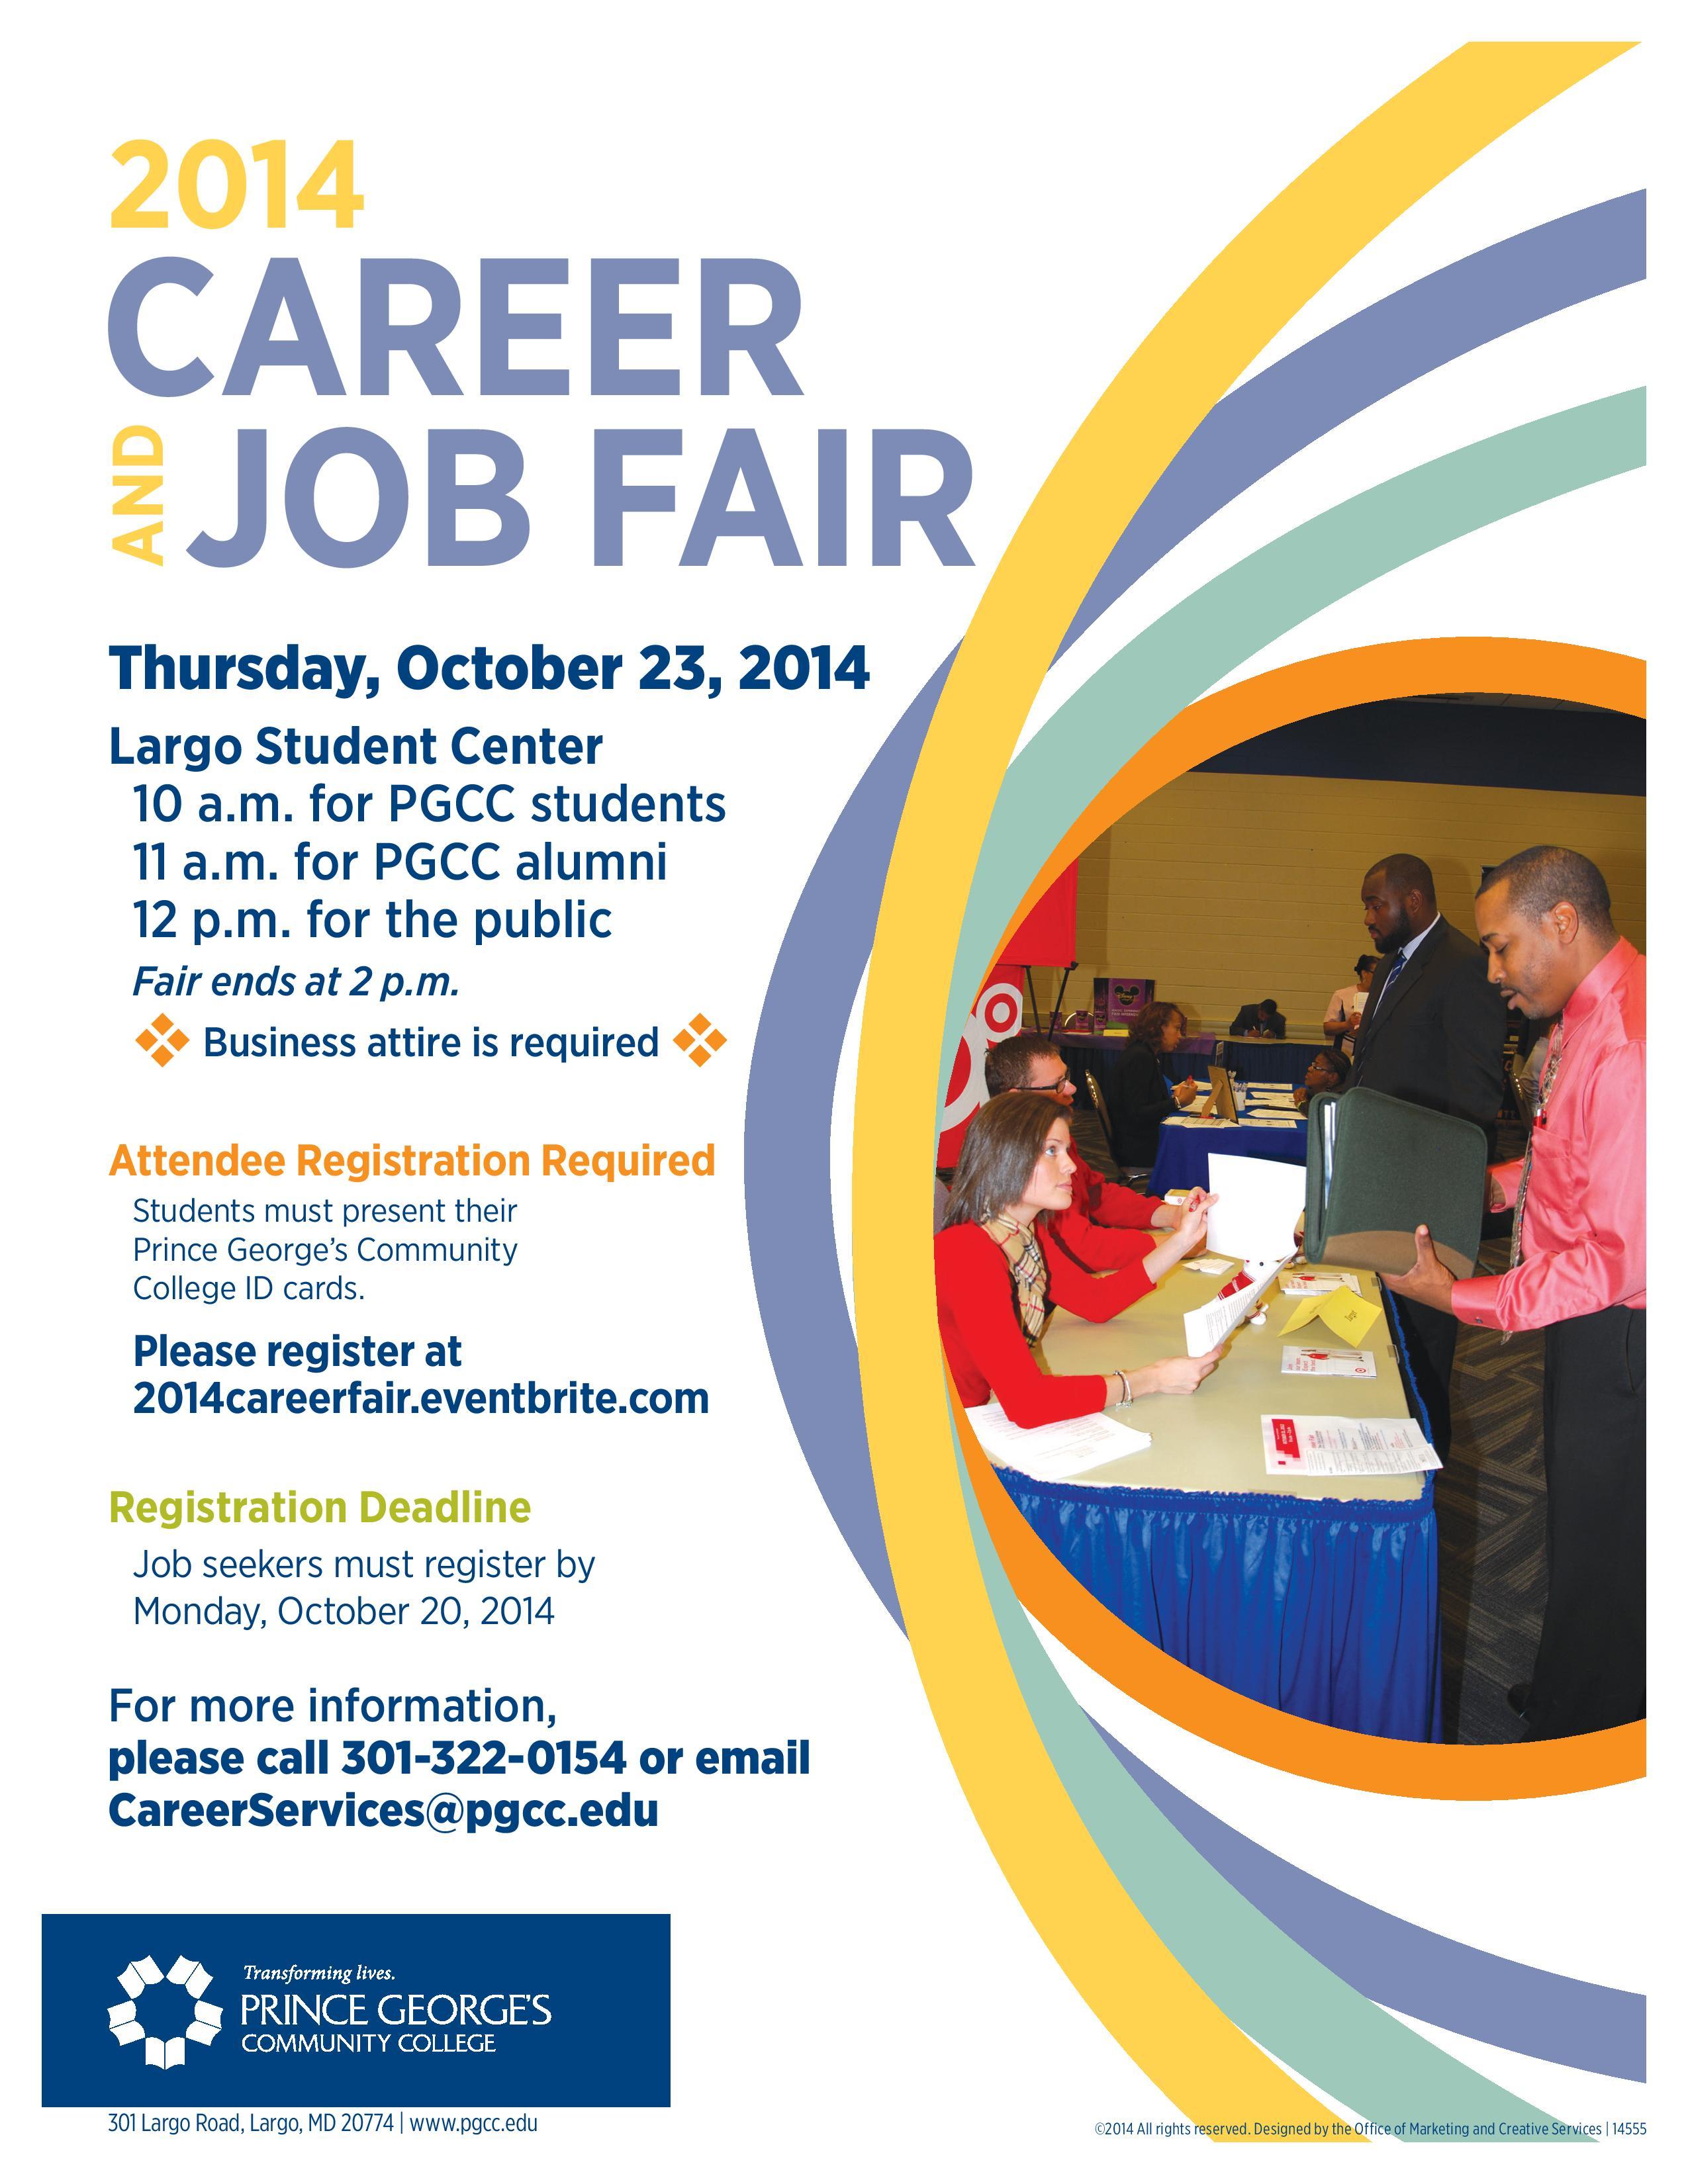 PGCC Career Fair 2014 flyer